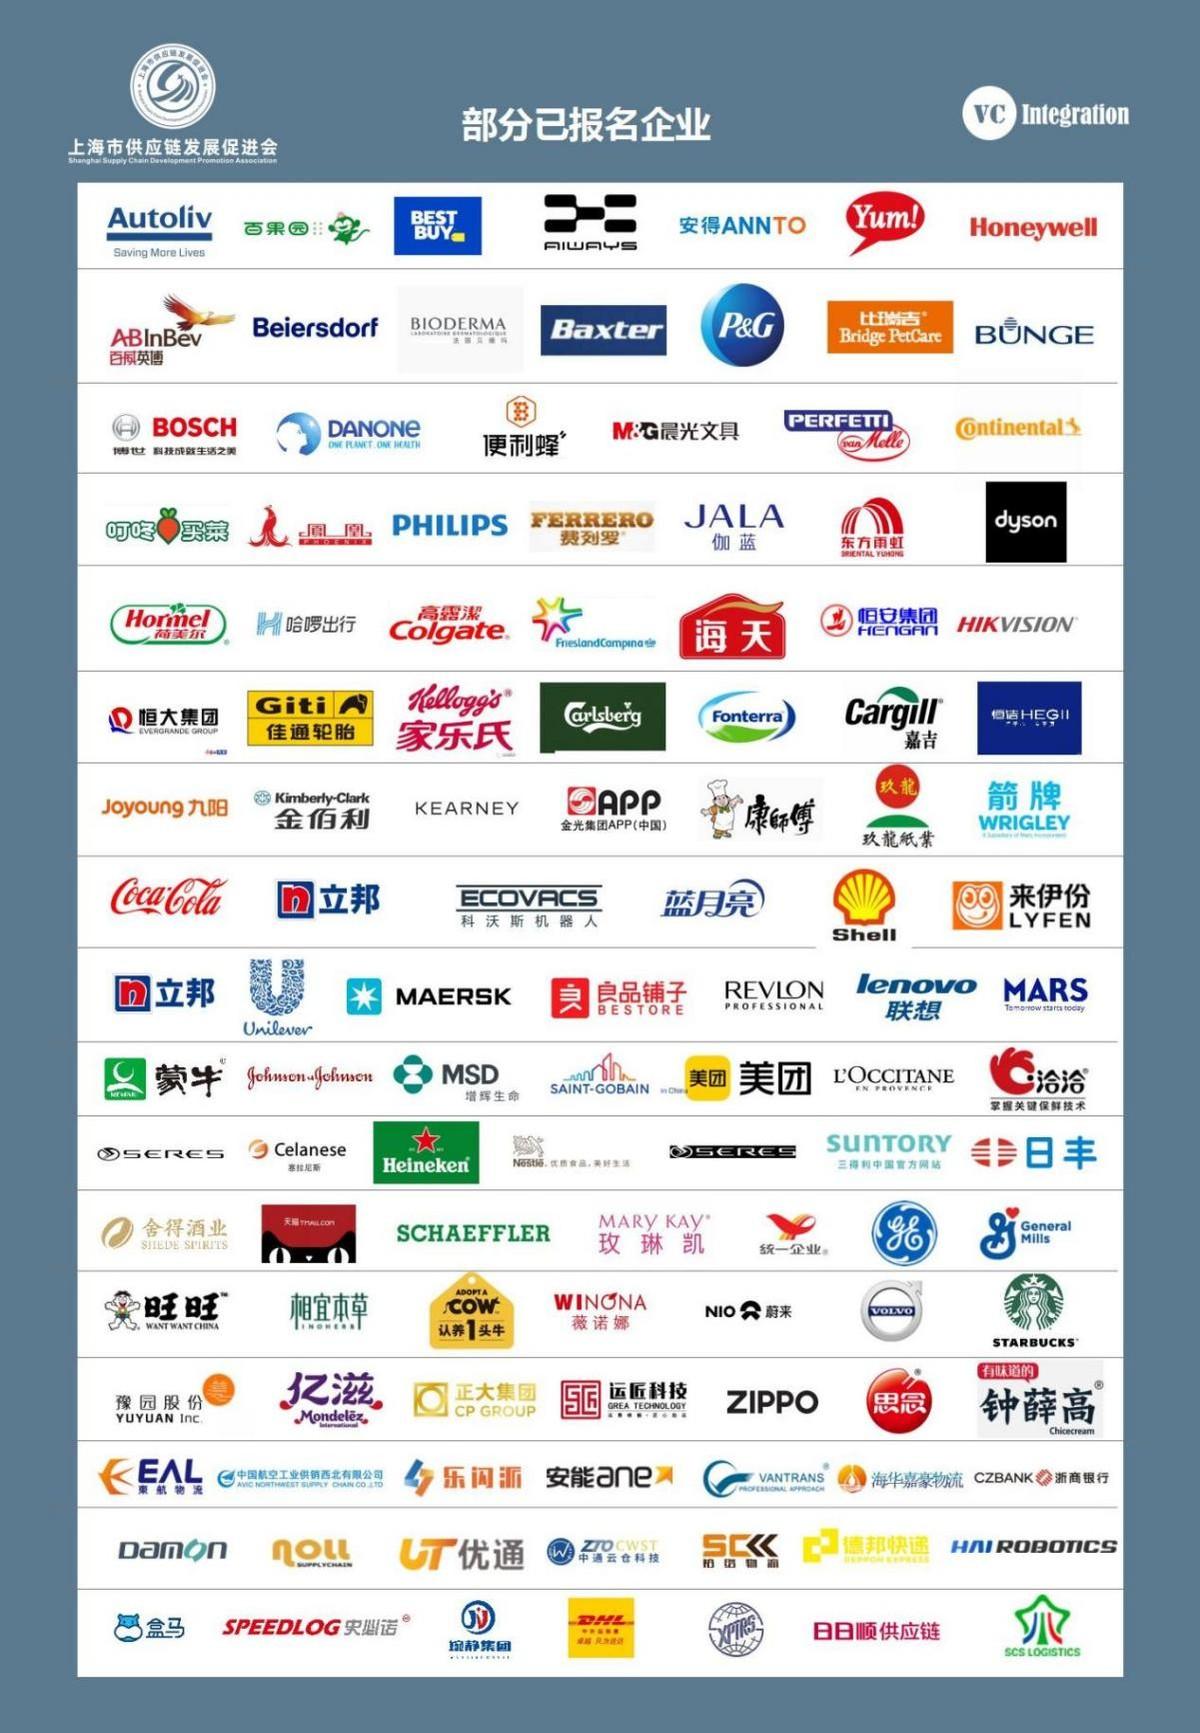 上海供应链发展促进会成立,2021上海韦司埃供应链峰会即将召开